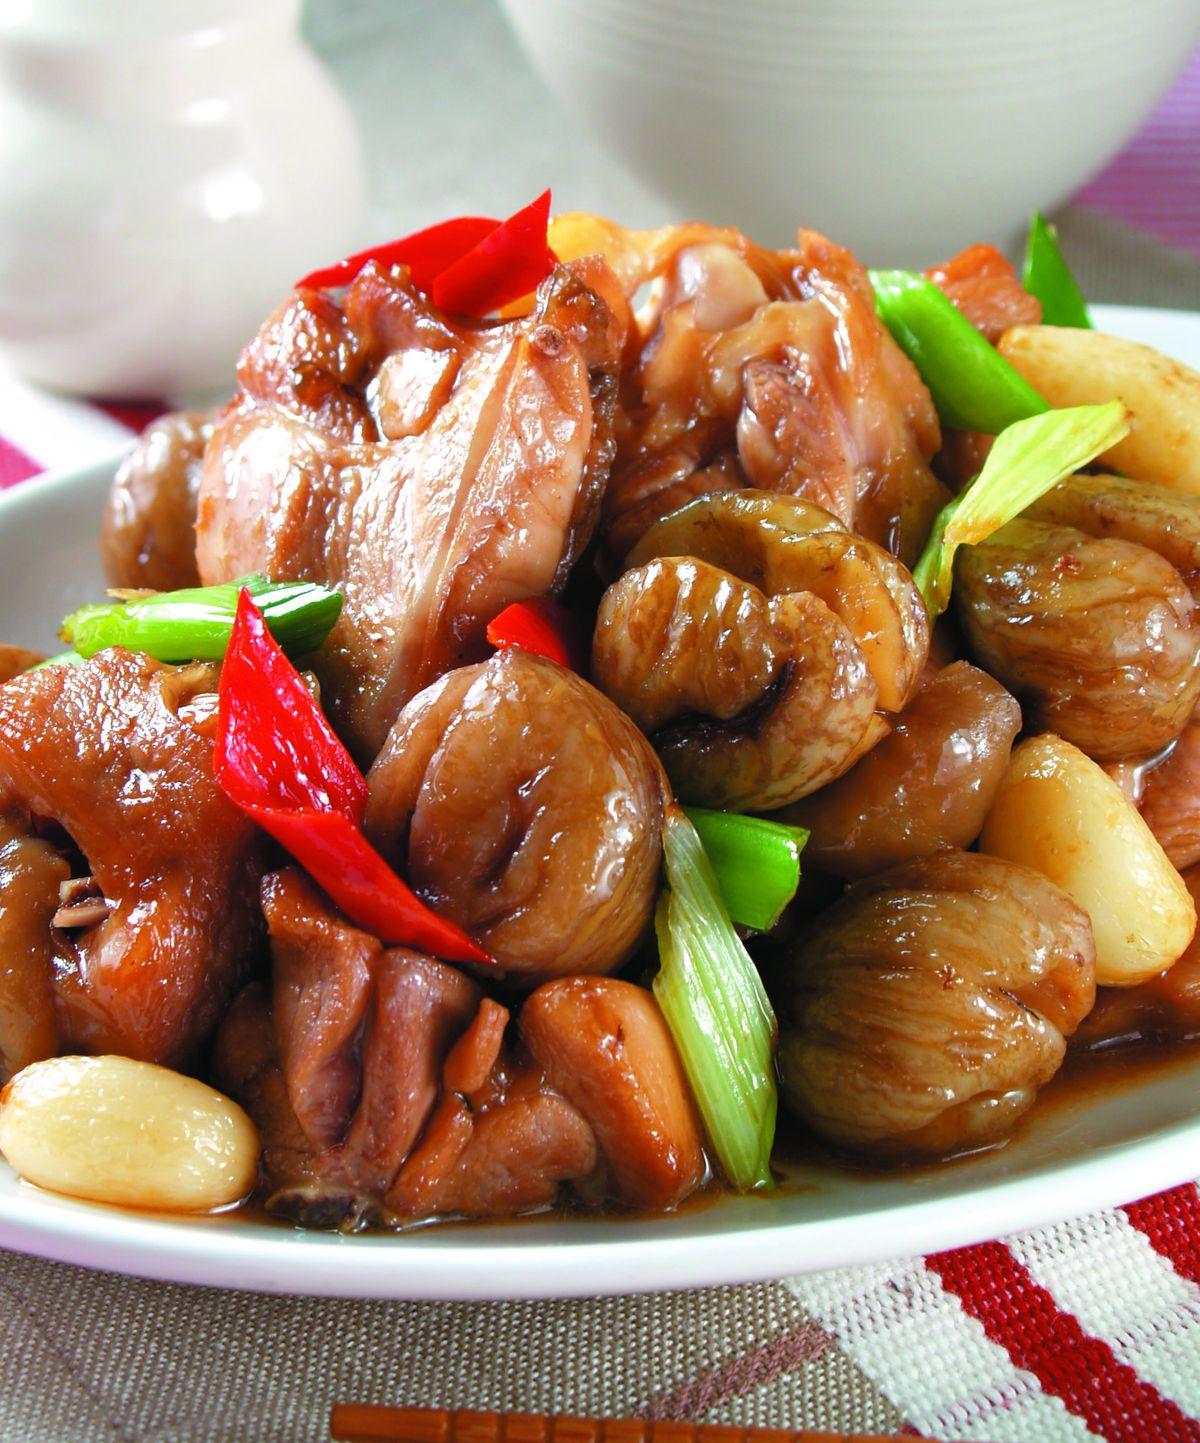 食譜:栗子燒雞腿